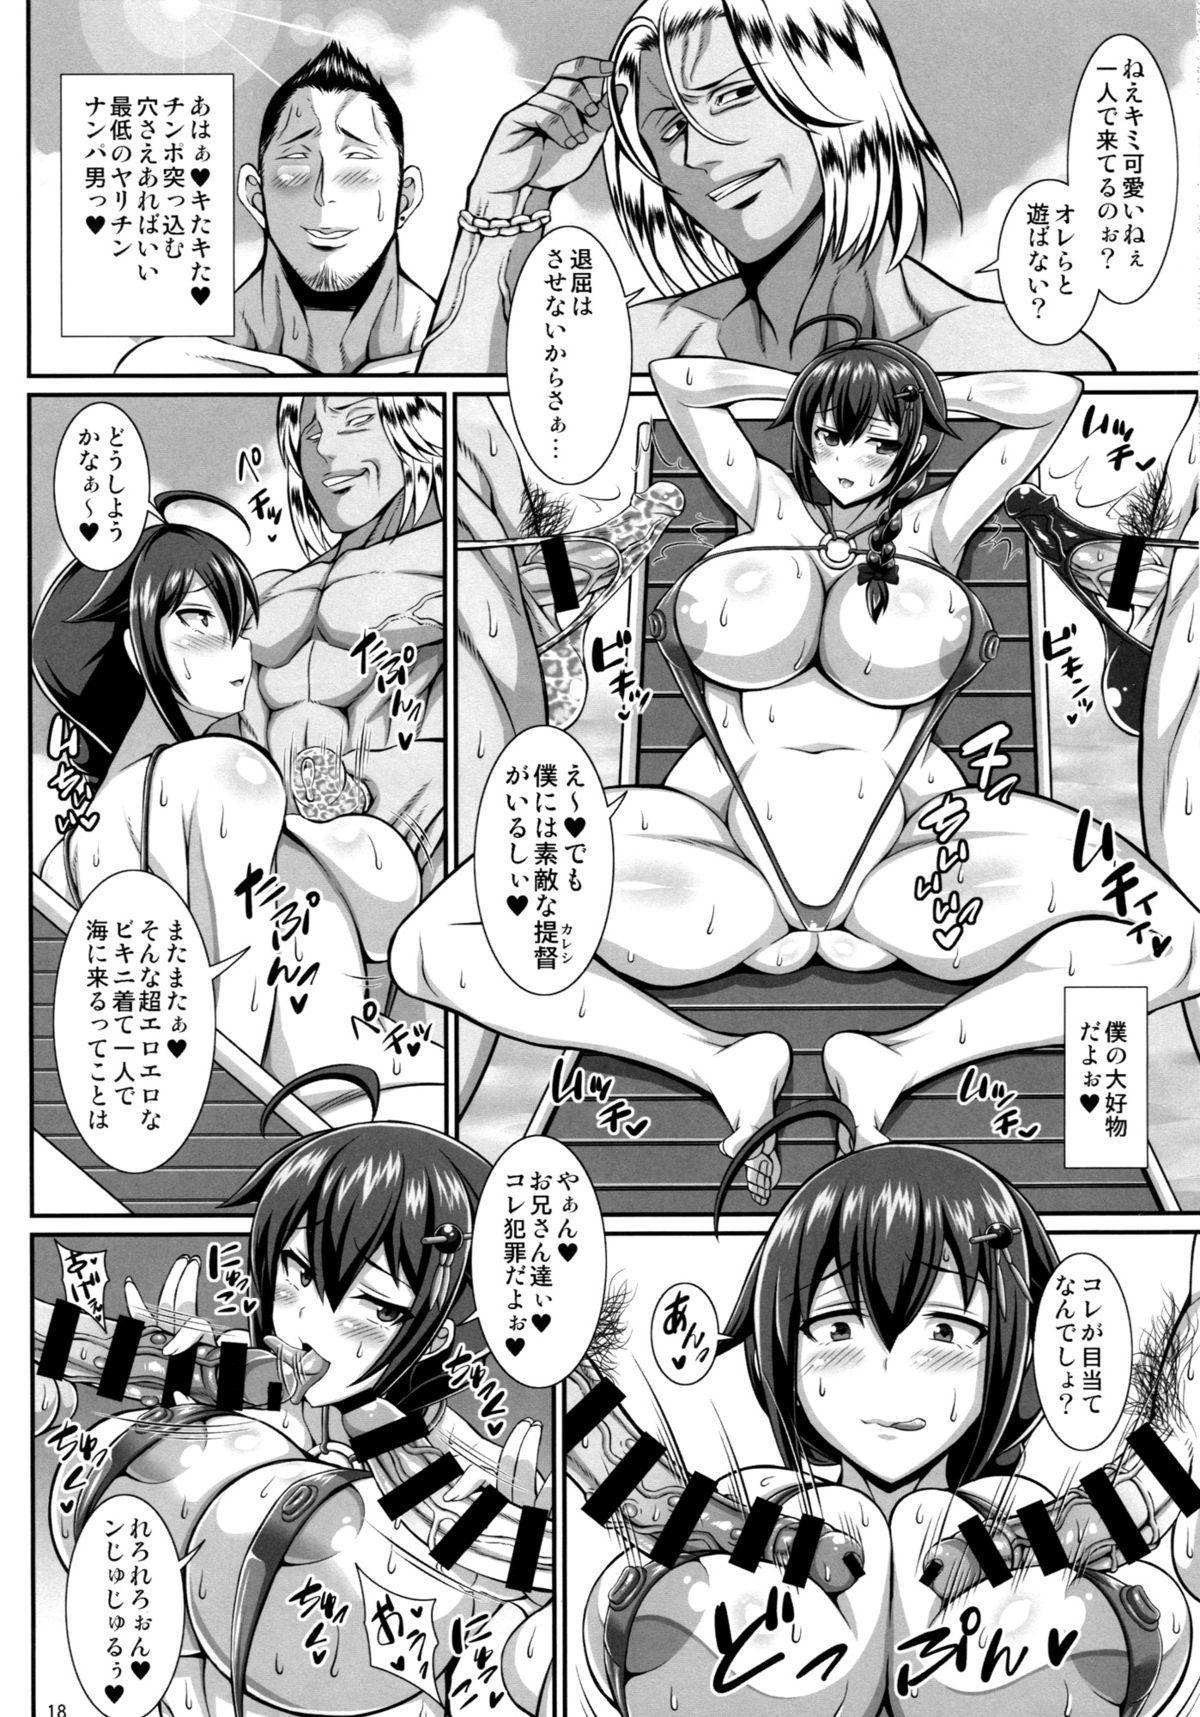 Summer Shigure 15